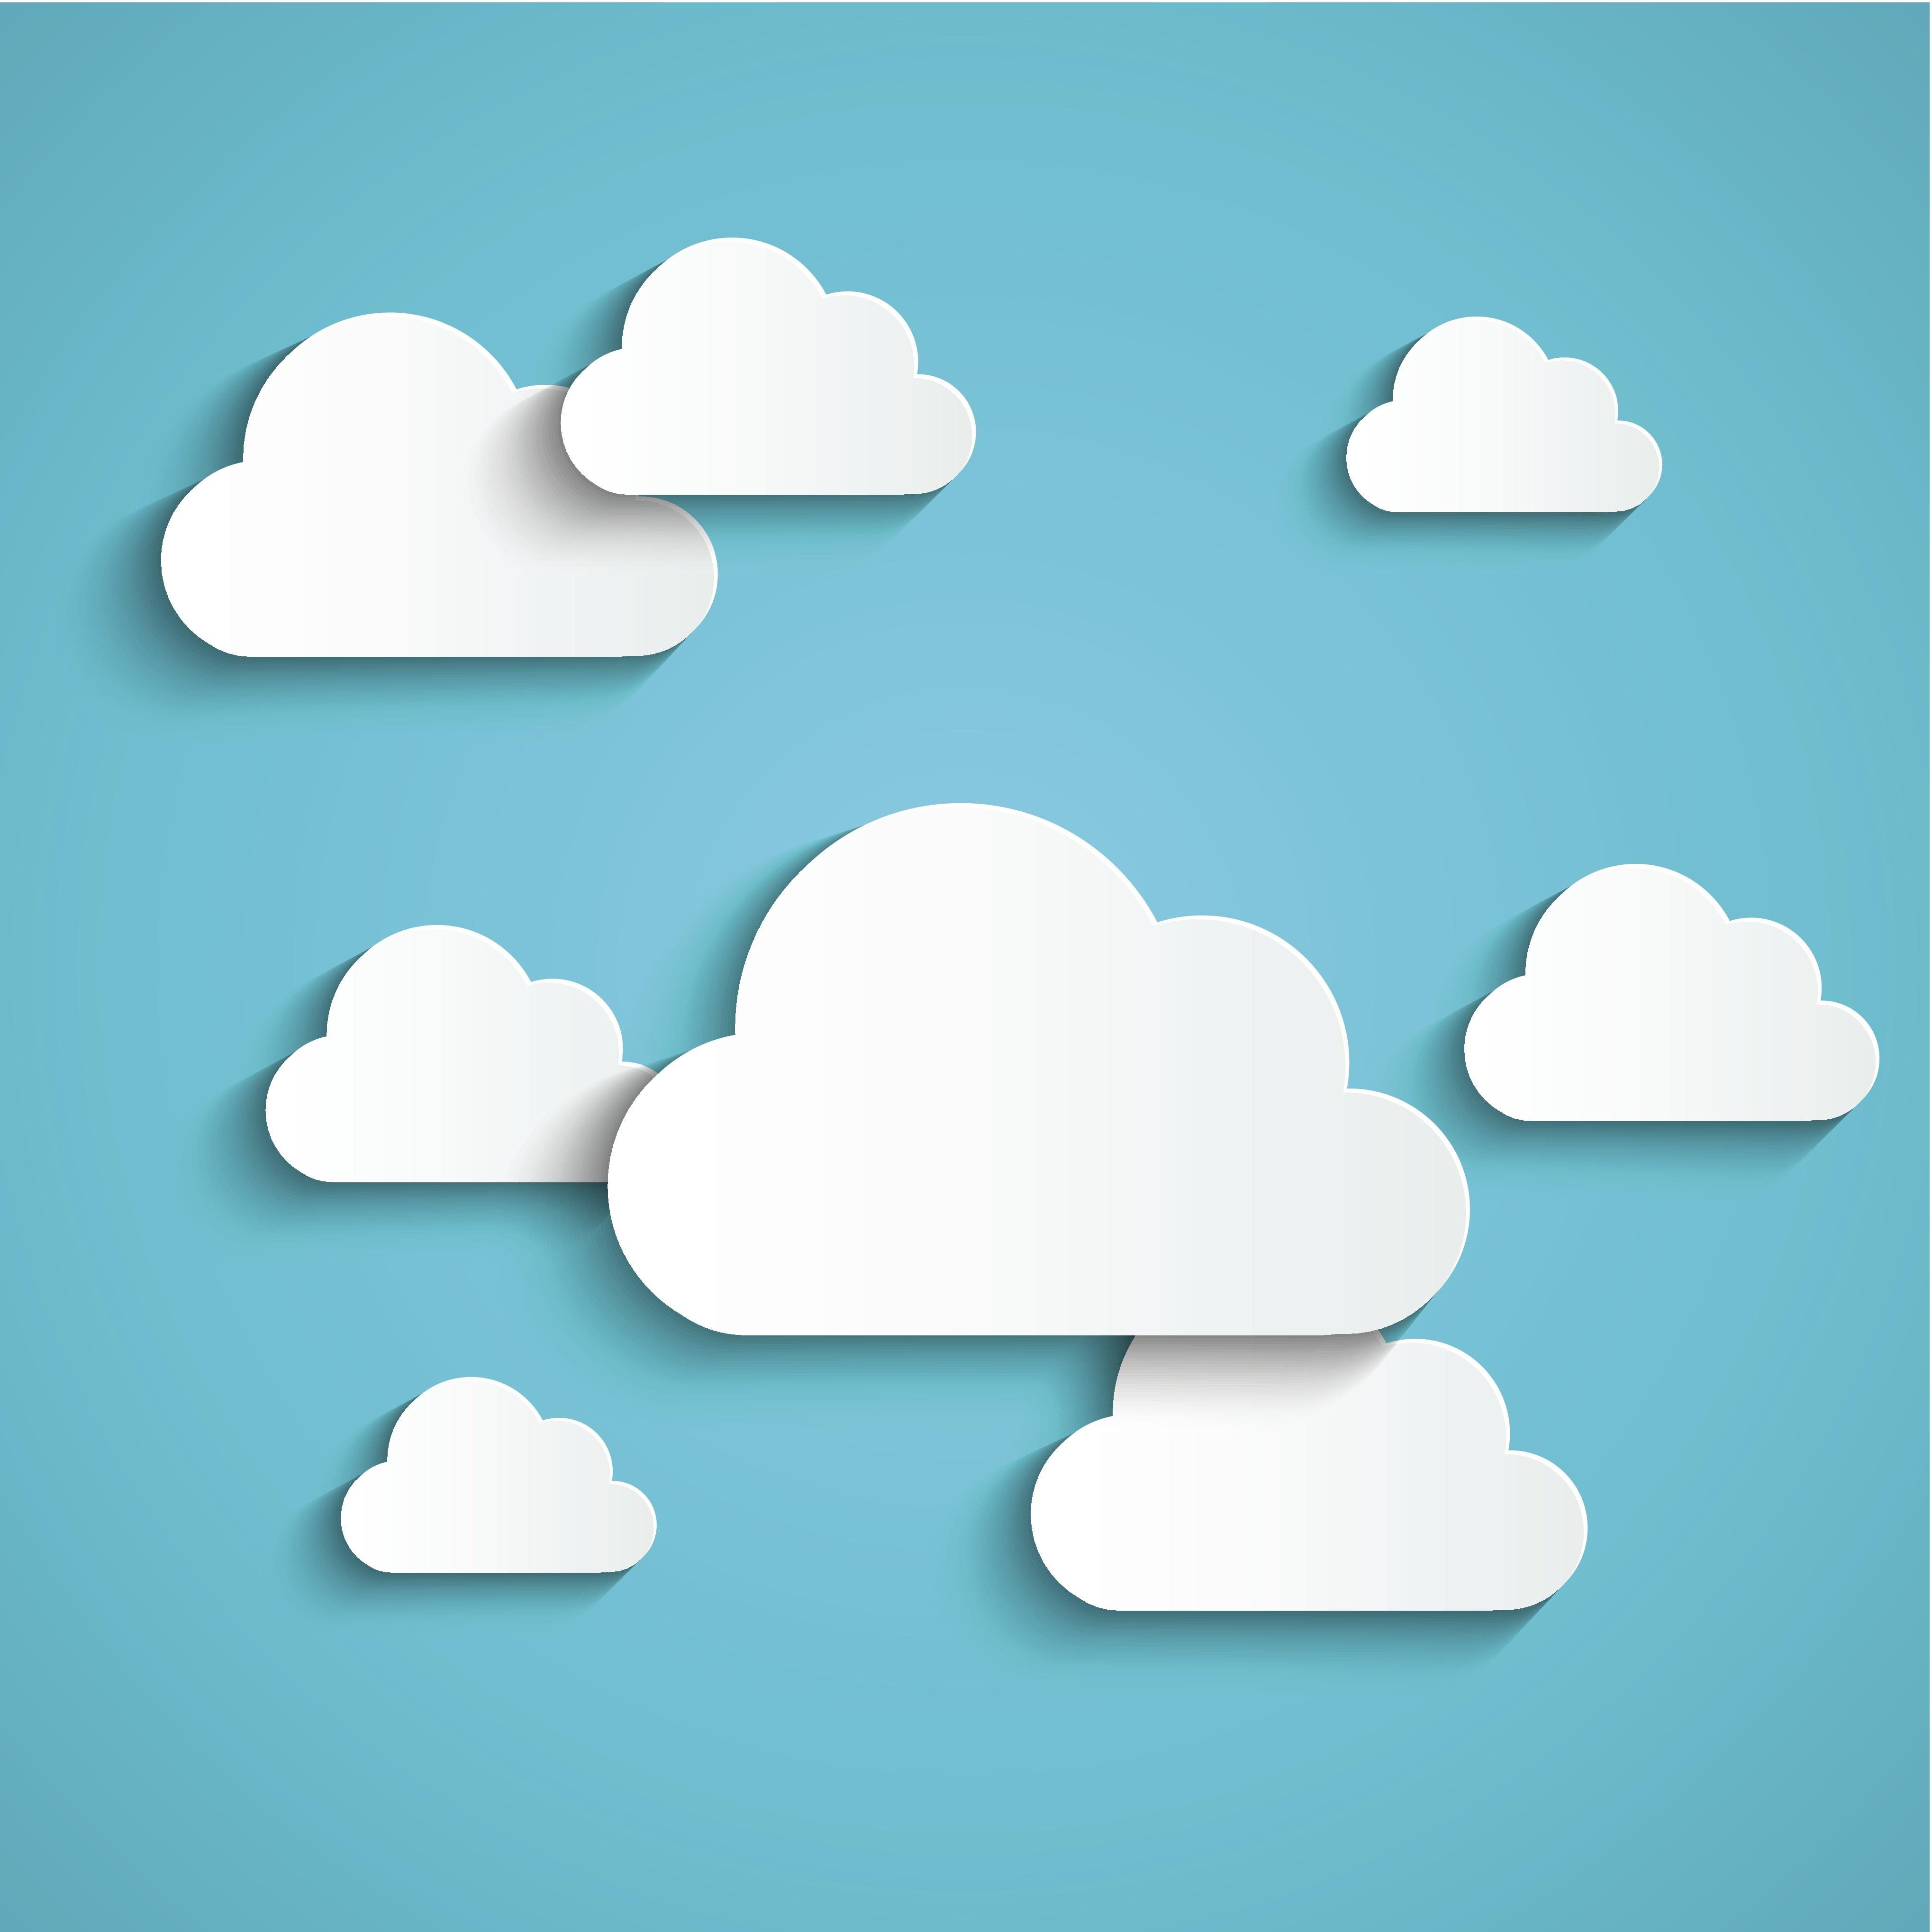 Selber hosten als Auslaufmodell: Der Cloud gehört die Zukunft